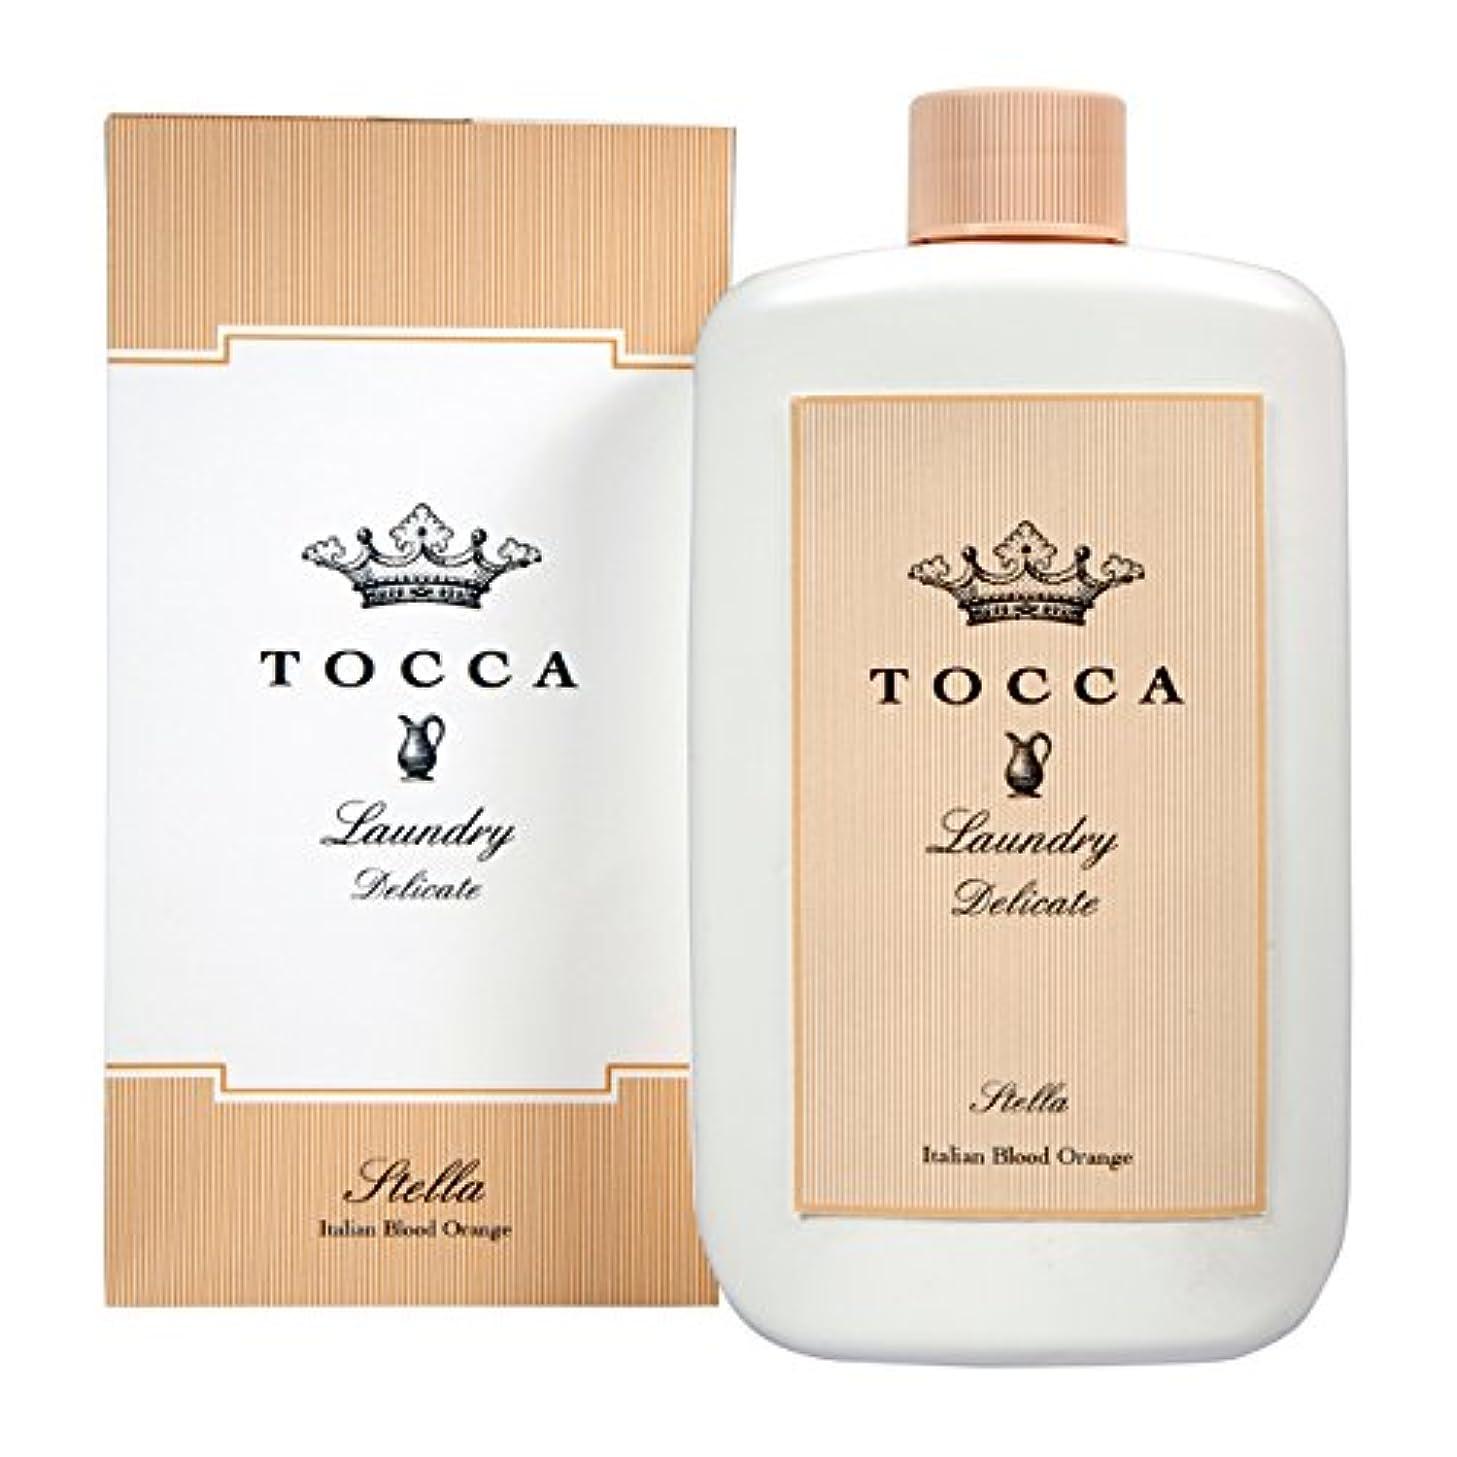 どこにでも懐掃くトッカ(TOCCA) ランドリーデリケート ステラの香り 235ml (デリケート素材用洗剤 洗濯用合成洗剤 イタリアンブラッドオレンジが奏でるフレッシュでビターな爽やかさ漂う香り)